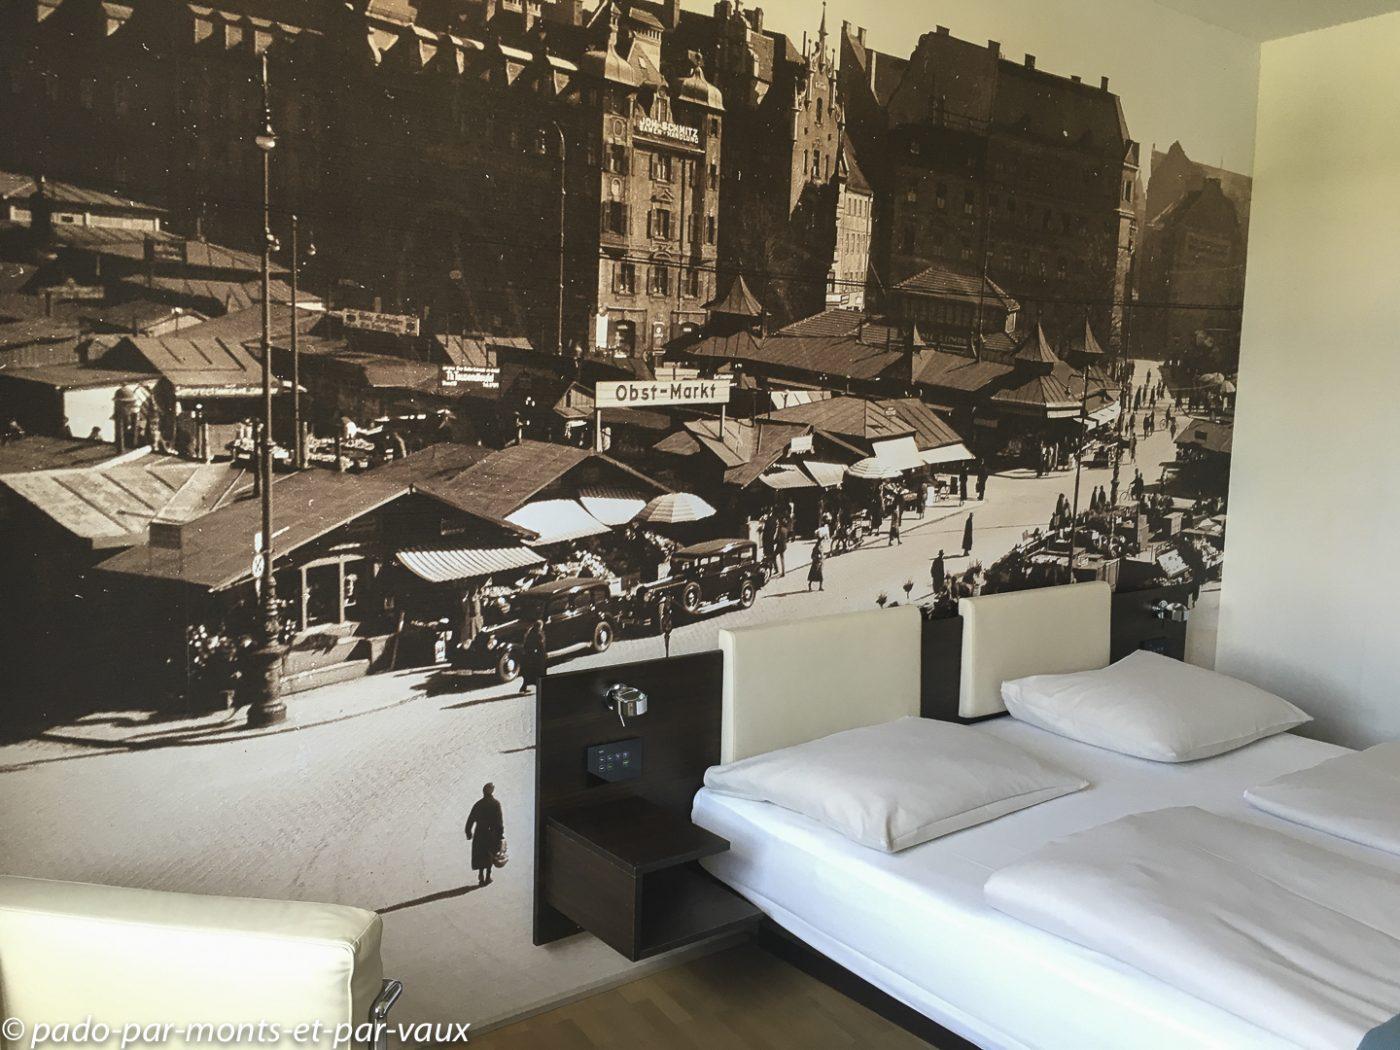 Munich - notre chambre d'hôtel